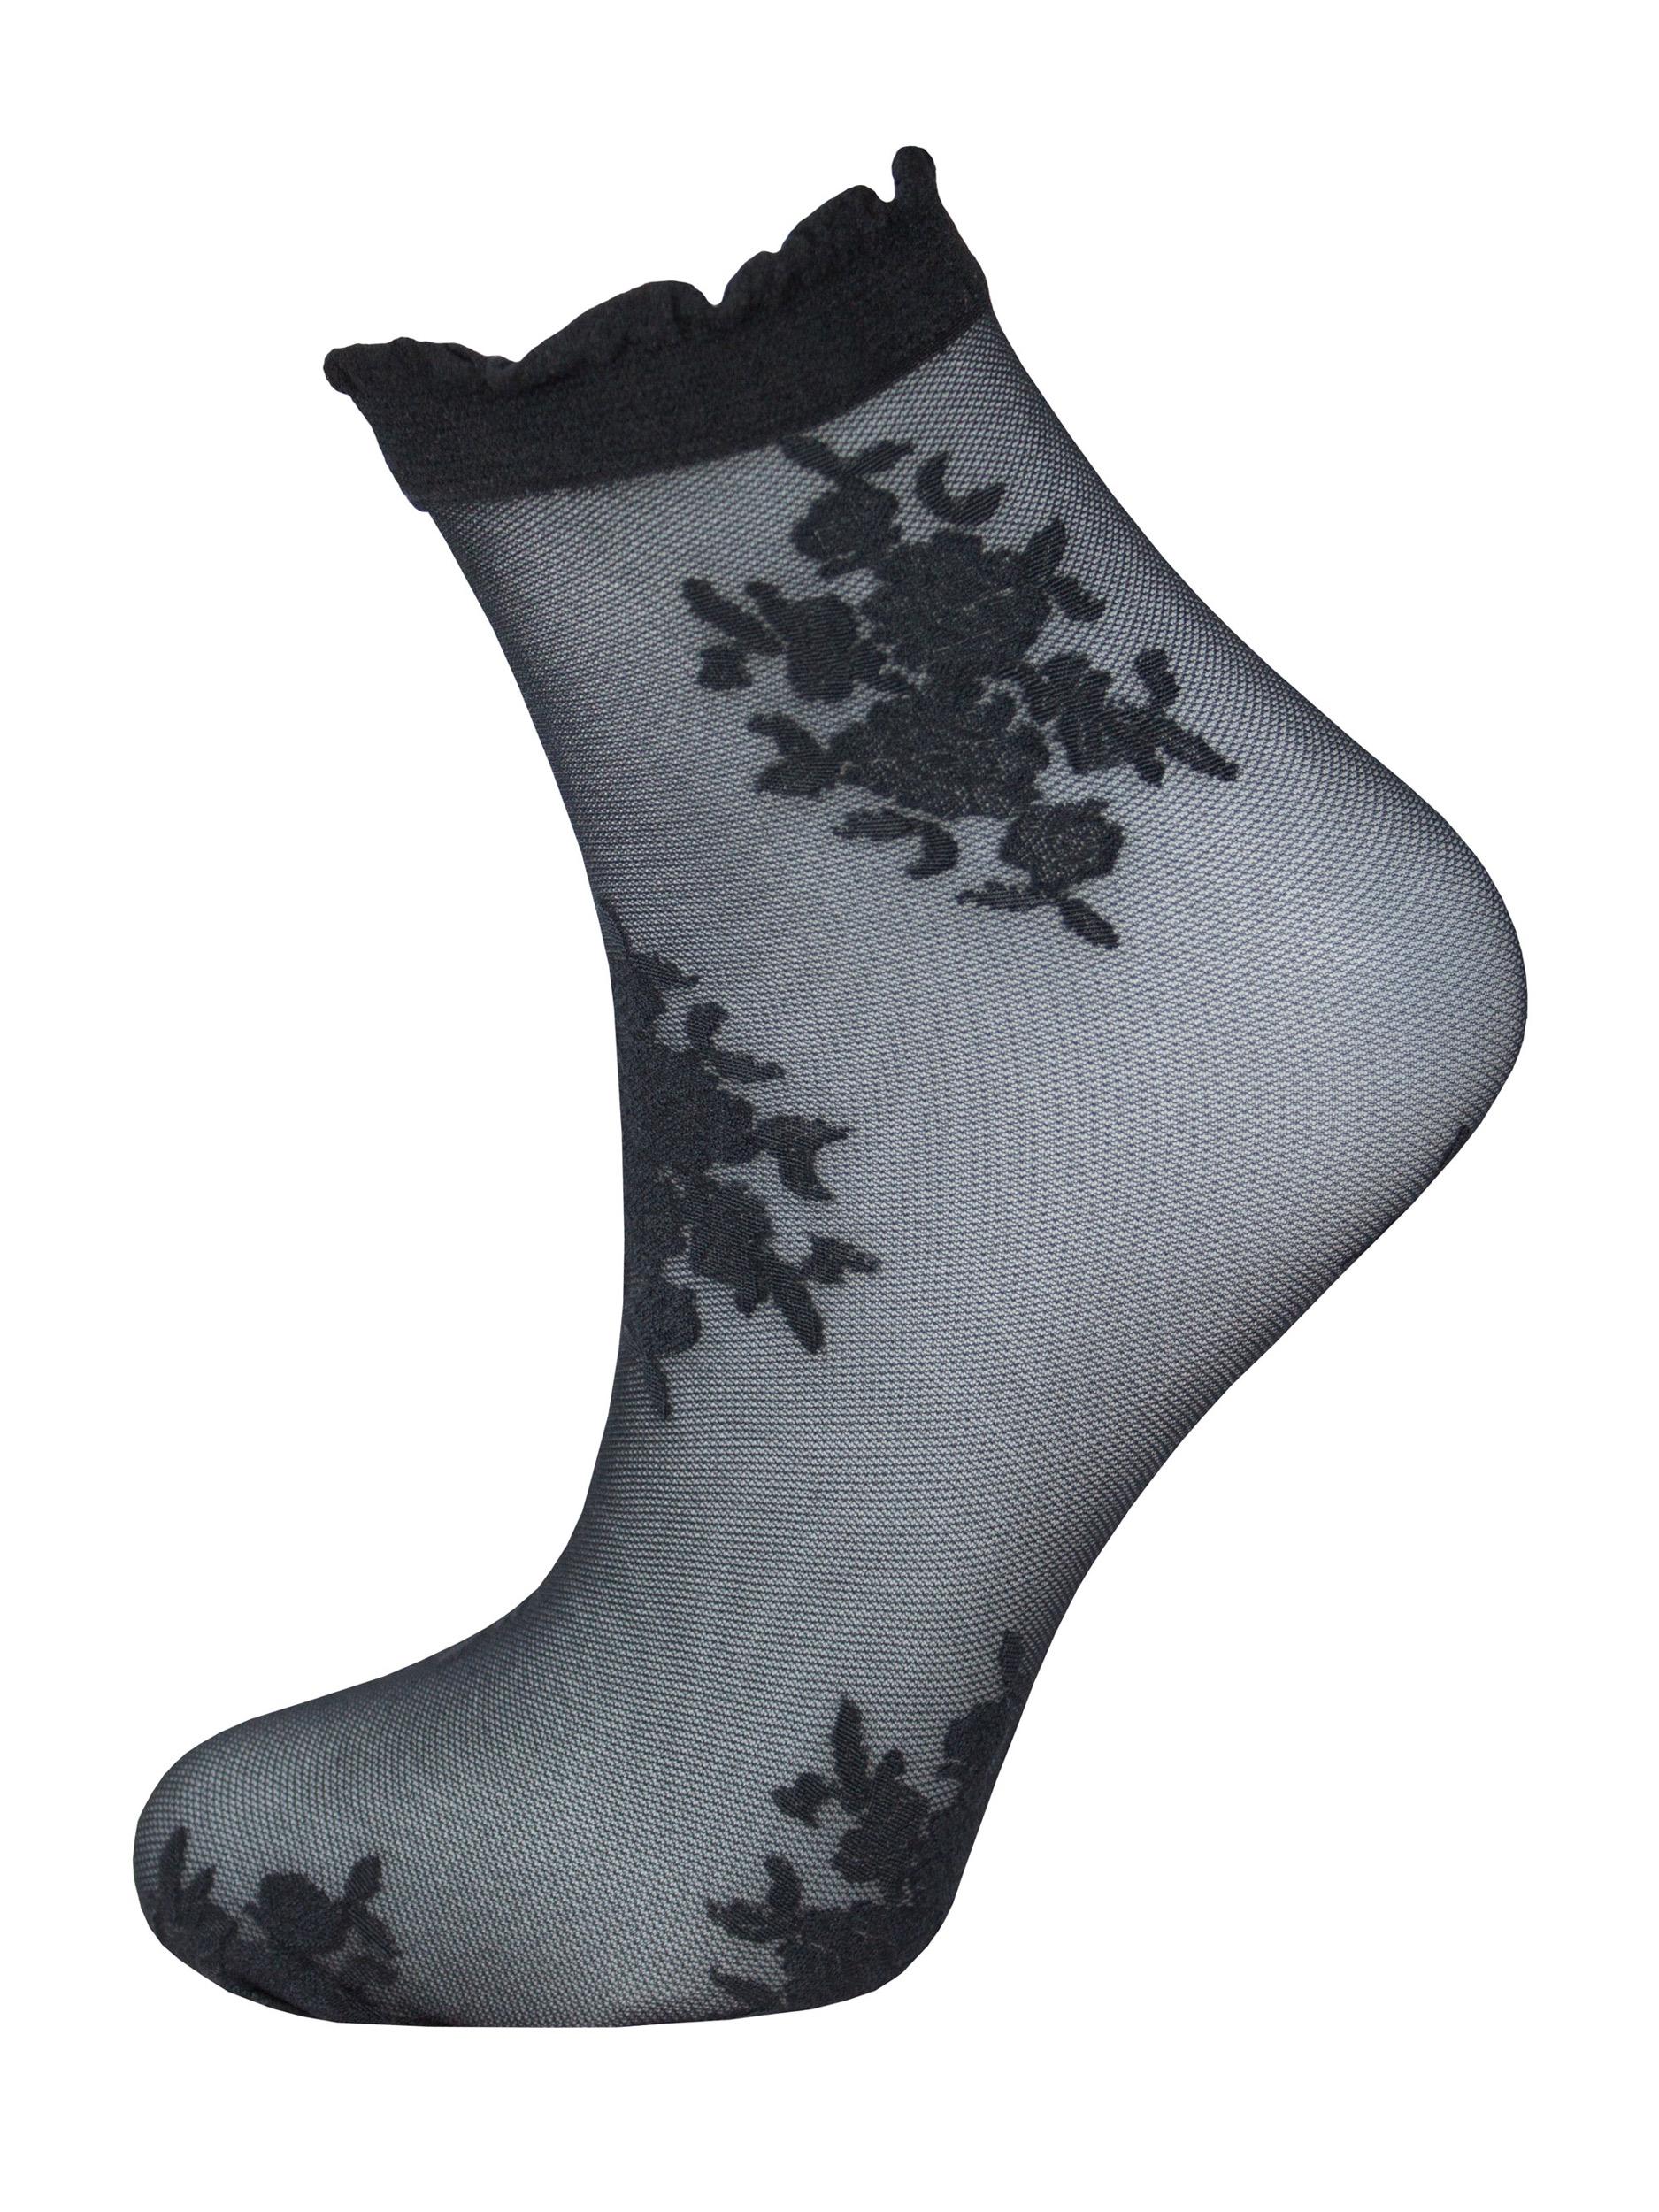 Капроновые носки женские Trasparenze Araja (c.) UNI nero T (чёрные с рисунком)